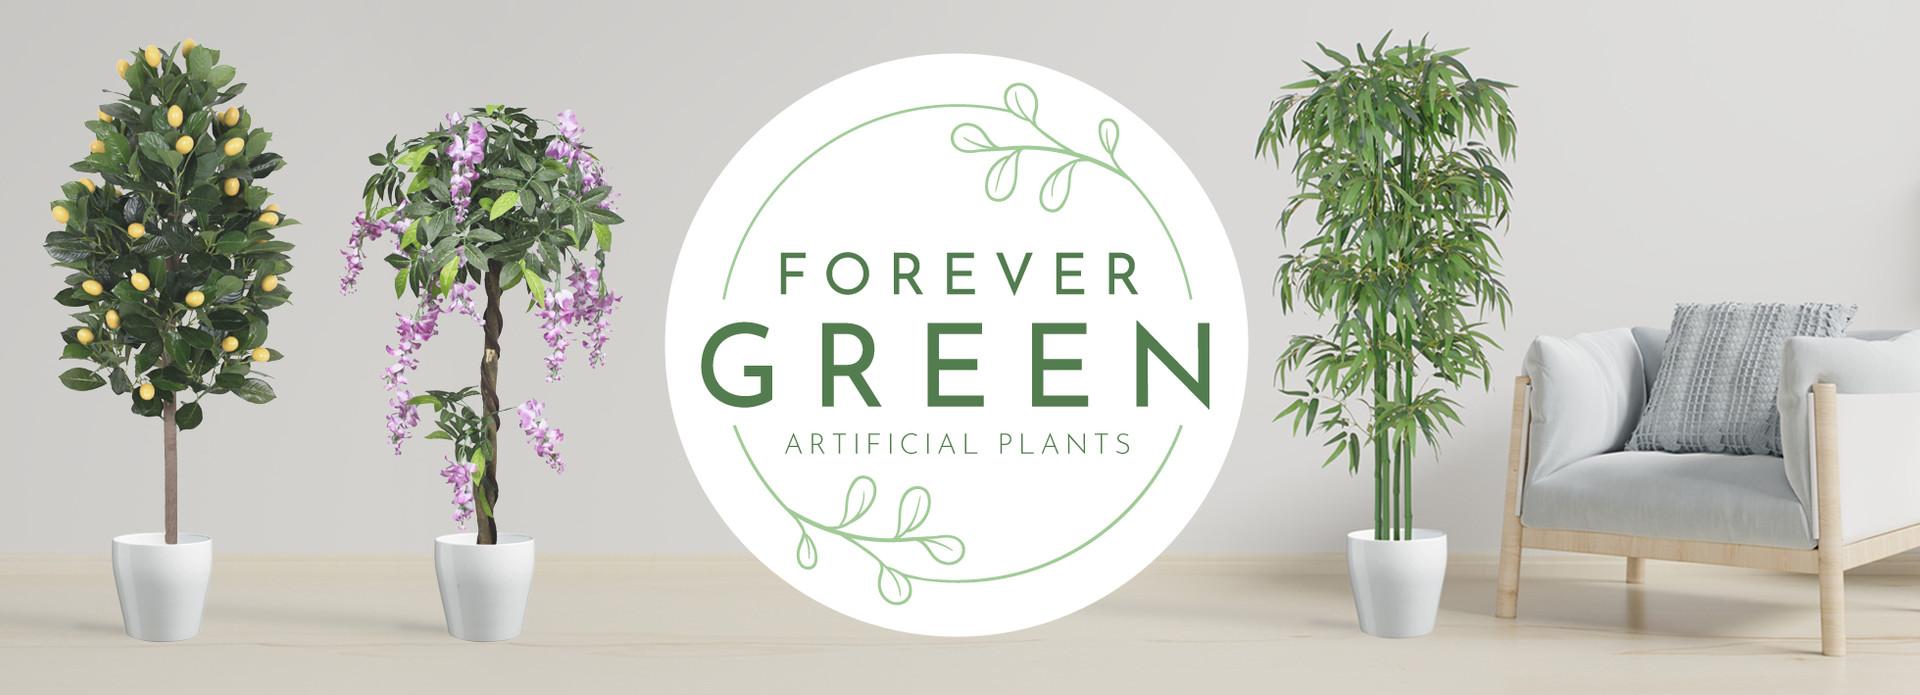 Forever Green Web Banner.jpg